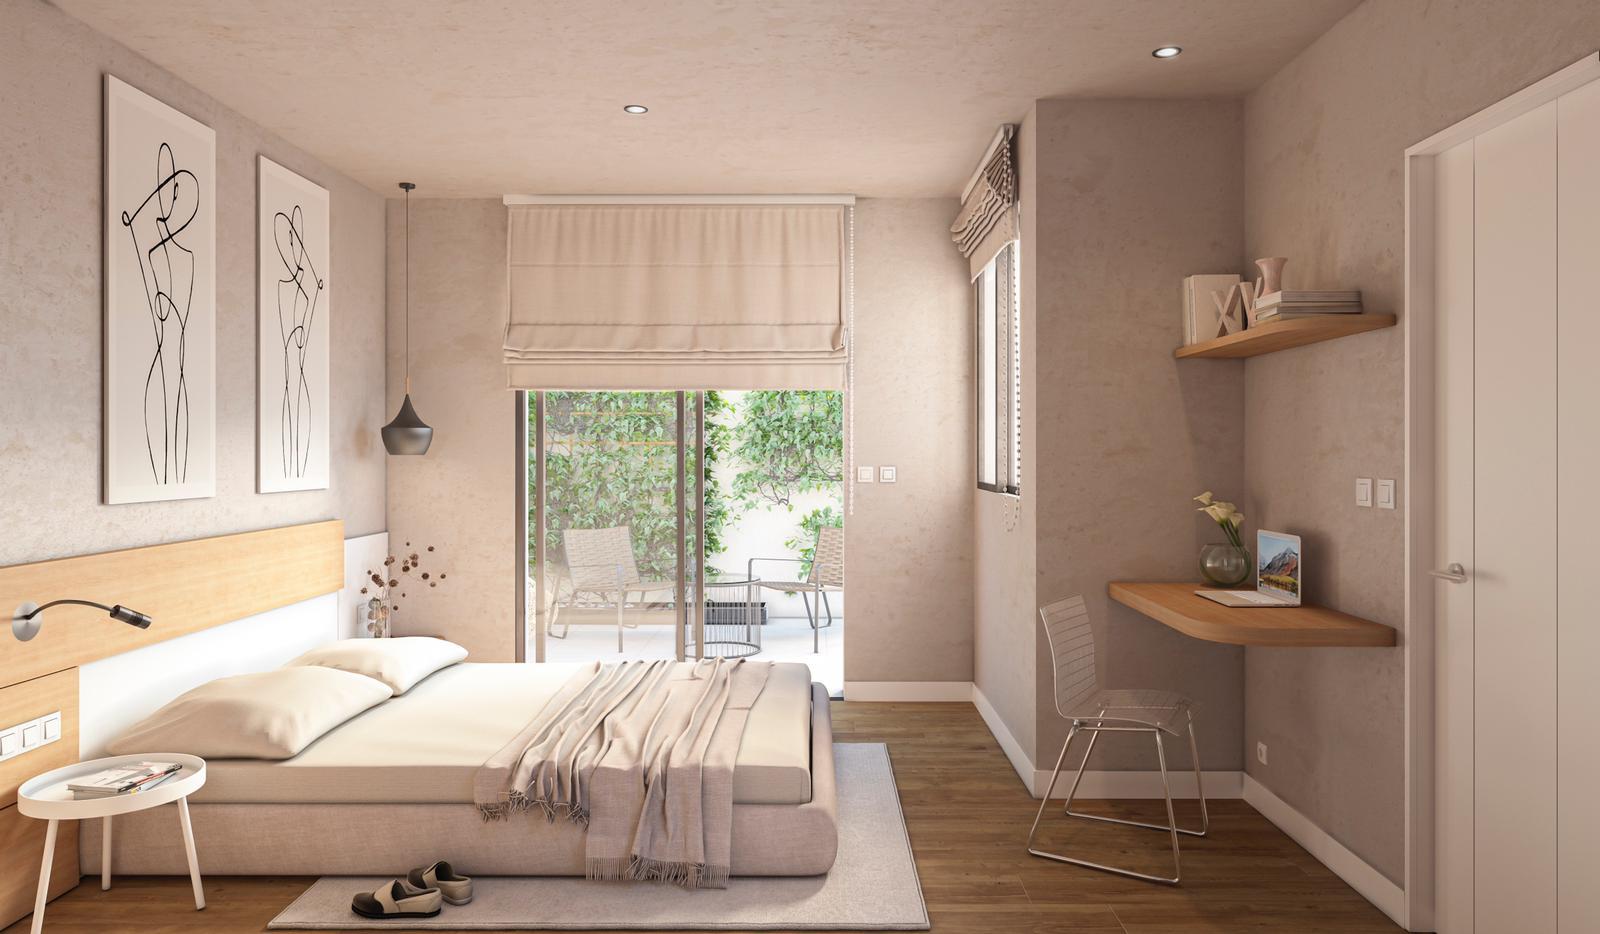 Dormitorio BEBOLIVIA